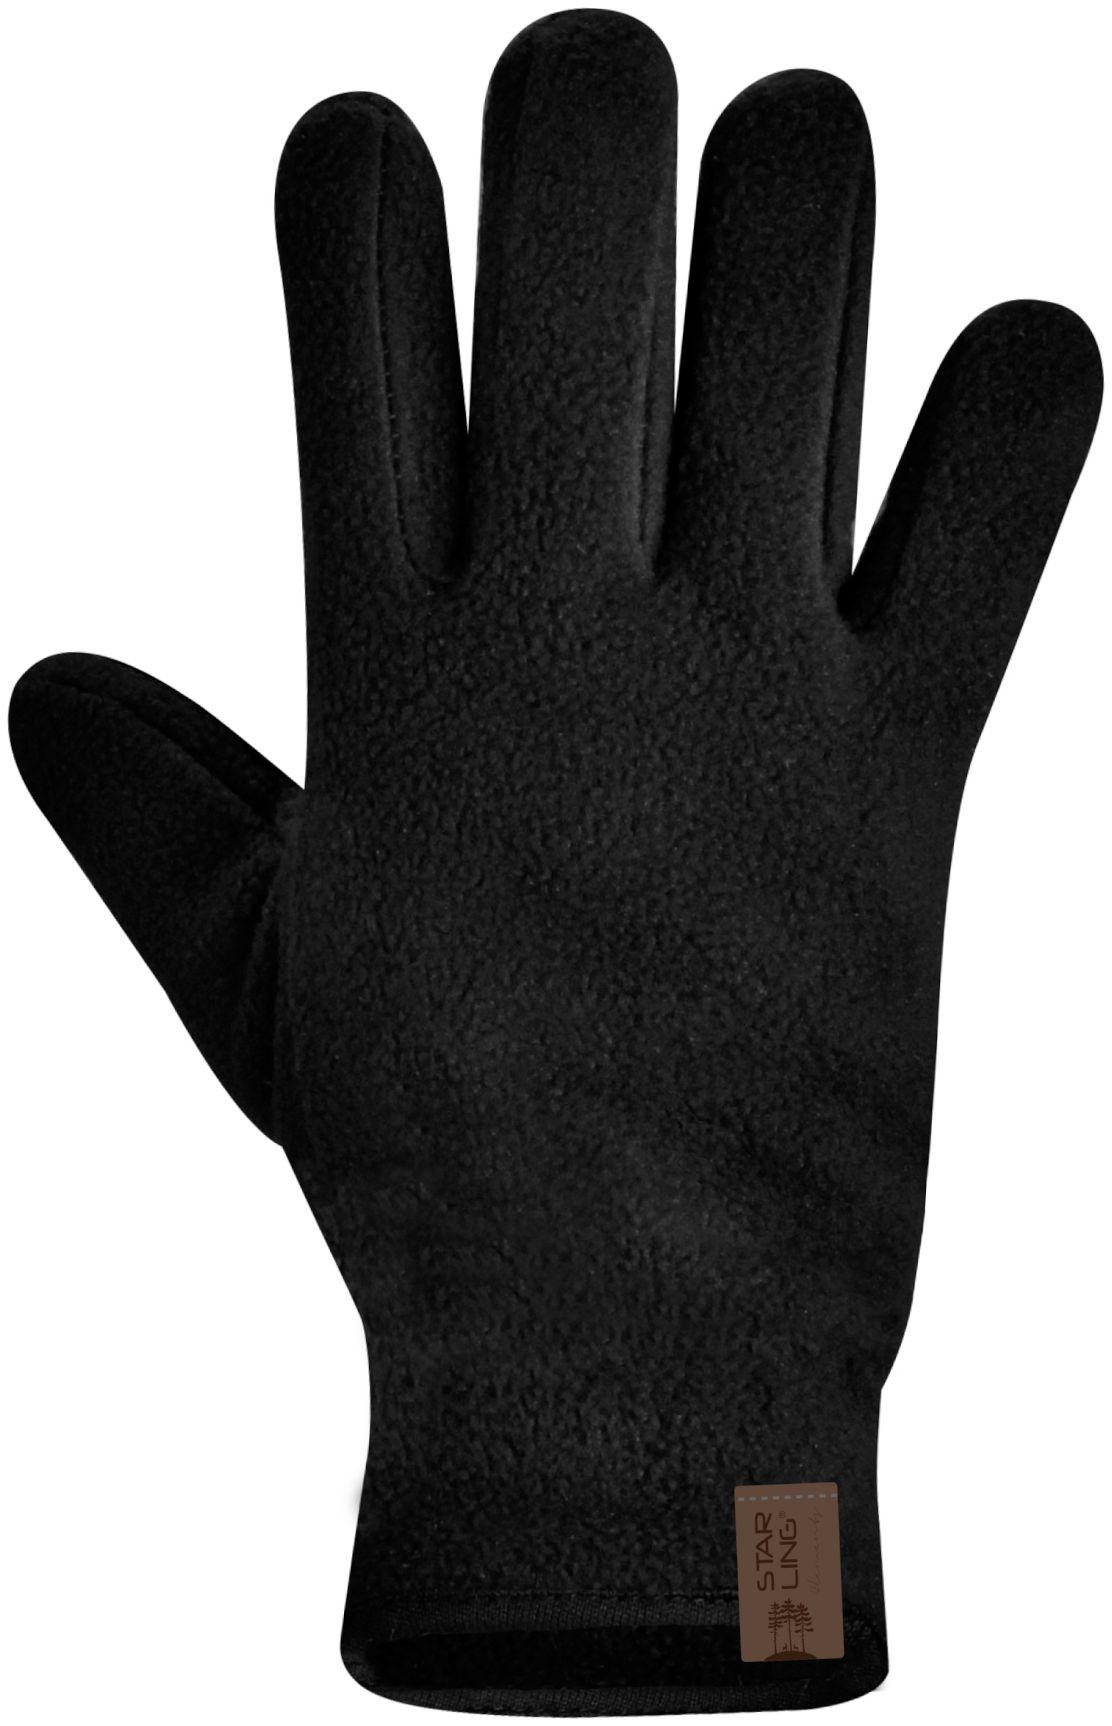 Handschoenen Fleece Jr • Pim 2 •